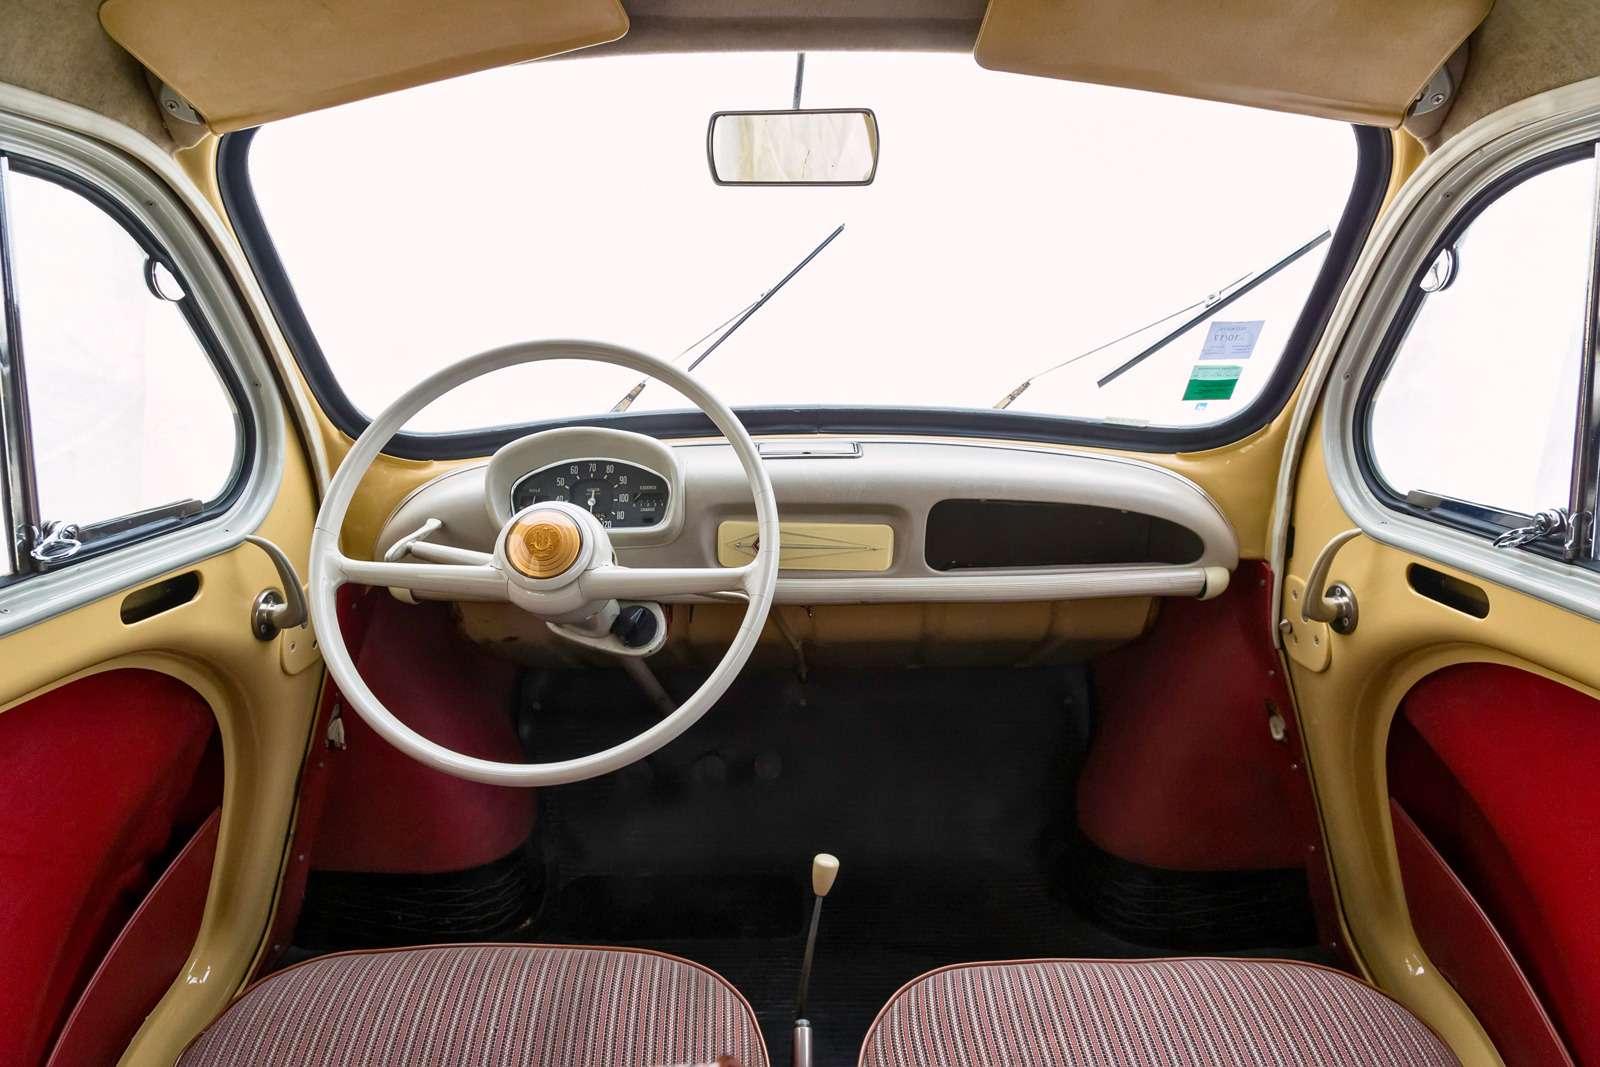 06-Renault-old_zr-01_16